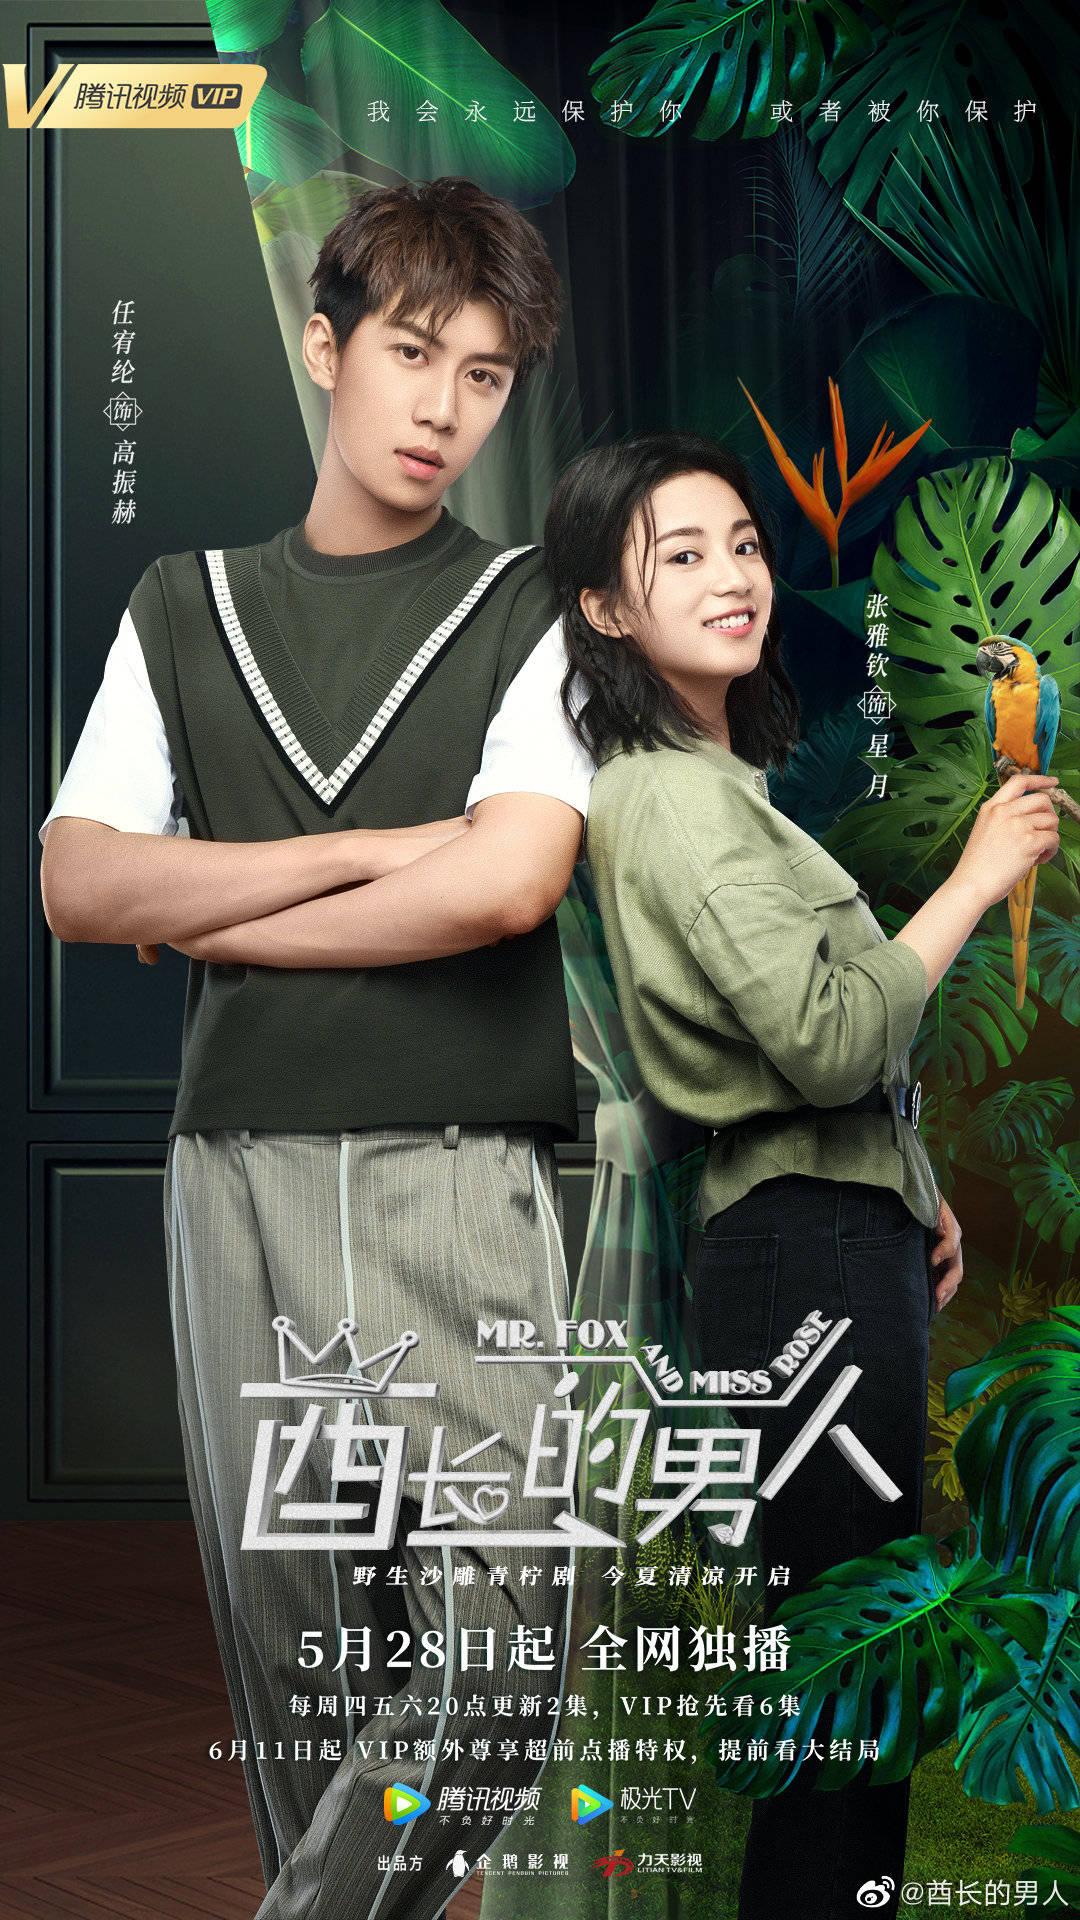 Categoria De 25 A 39 Episodios Wiki Drama Fandom Yuan lai ni hai zai zhe li título en inglés: drama wiki drama wiki fandom